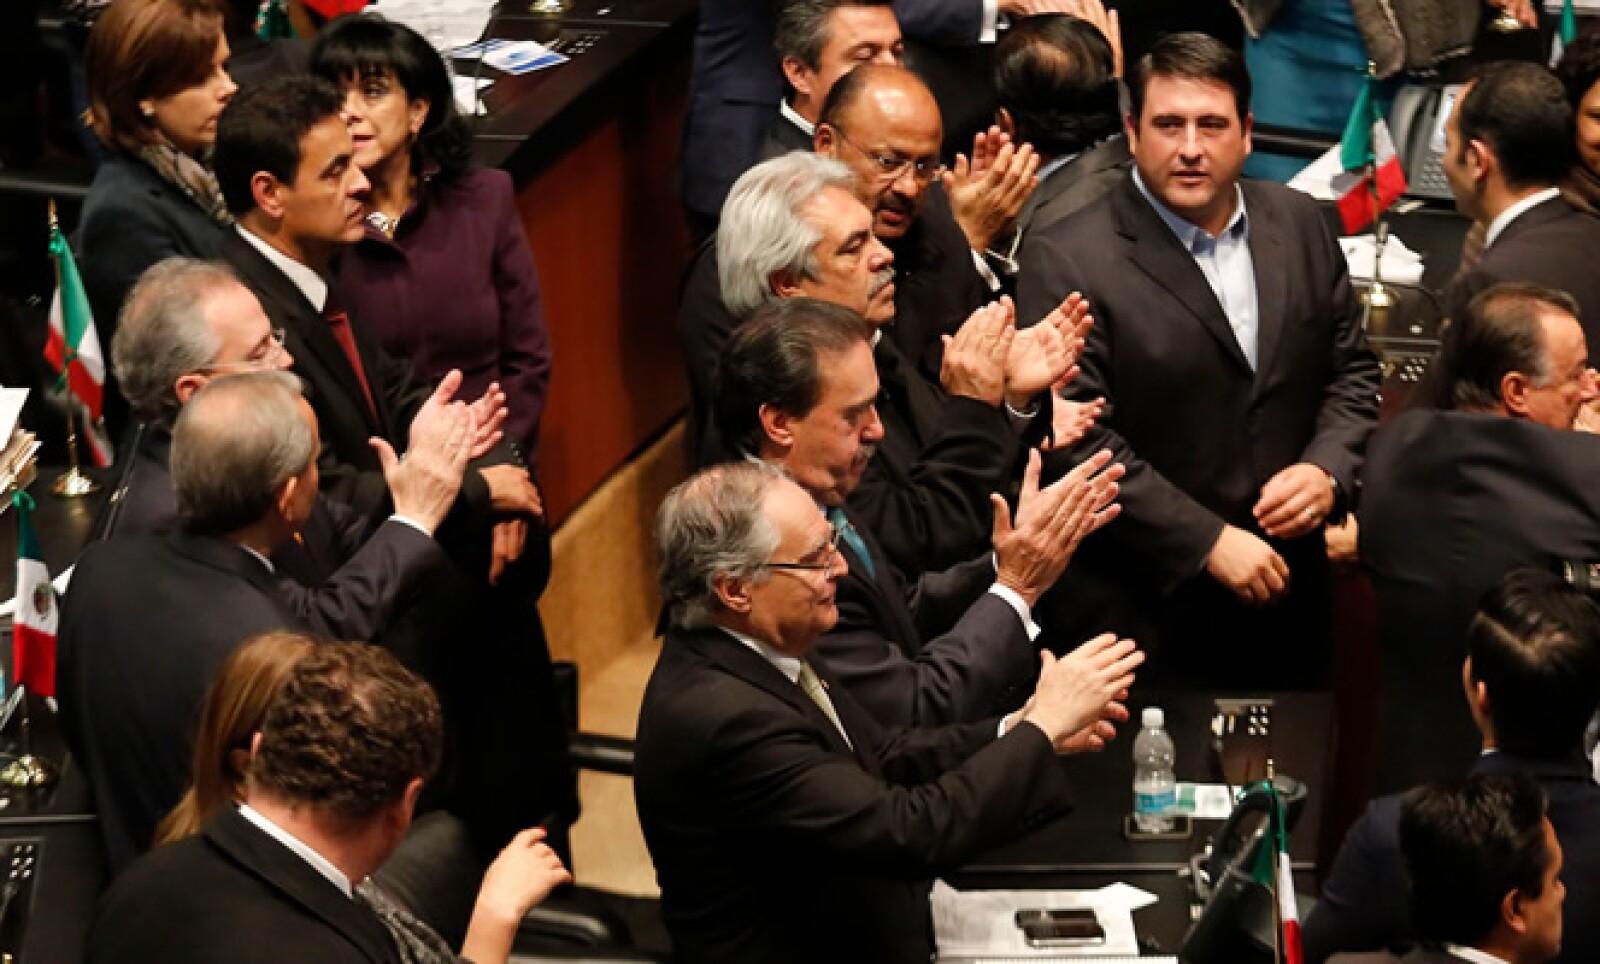 El dictamen aprobado será enviado a la Cámara de Diputados para su discusión y votación, se espera que sea aprobado antes del 15 de diciembre.